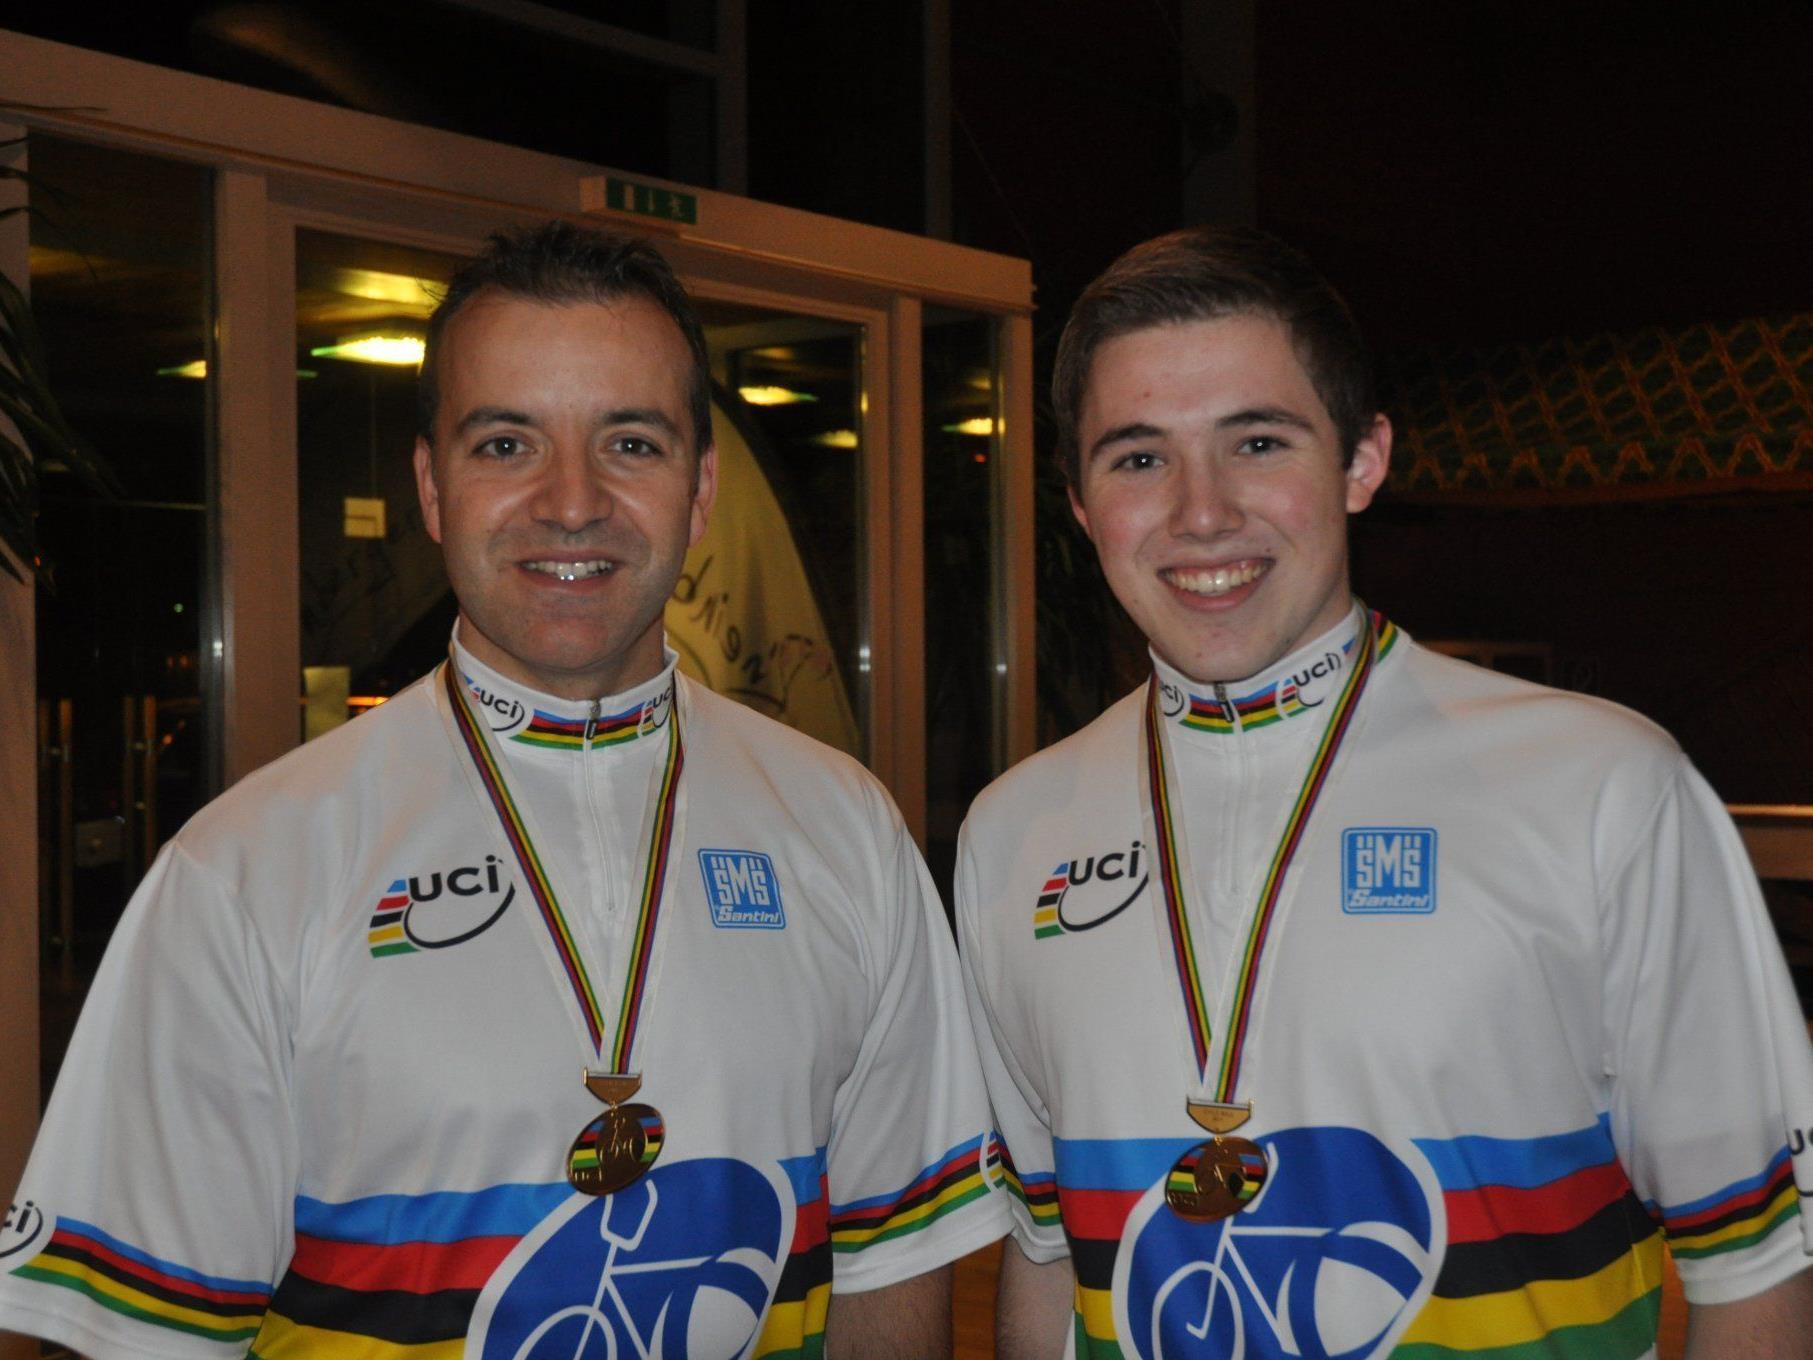 Die Weltmeister Didi Schneider und Patrick Schnetzer waren die Dominatoren in Sulz.